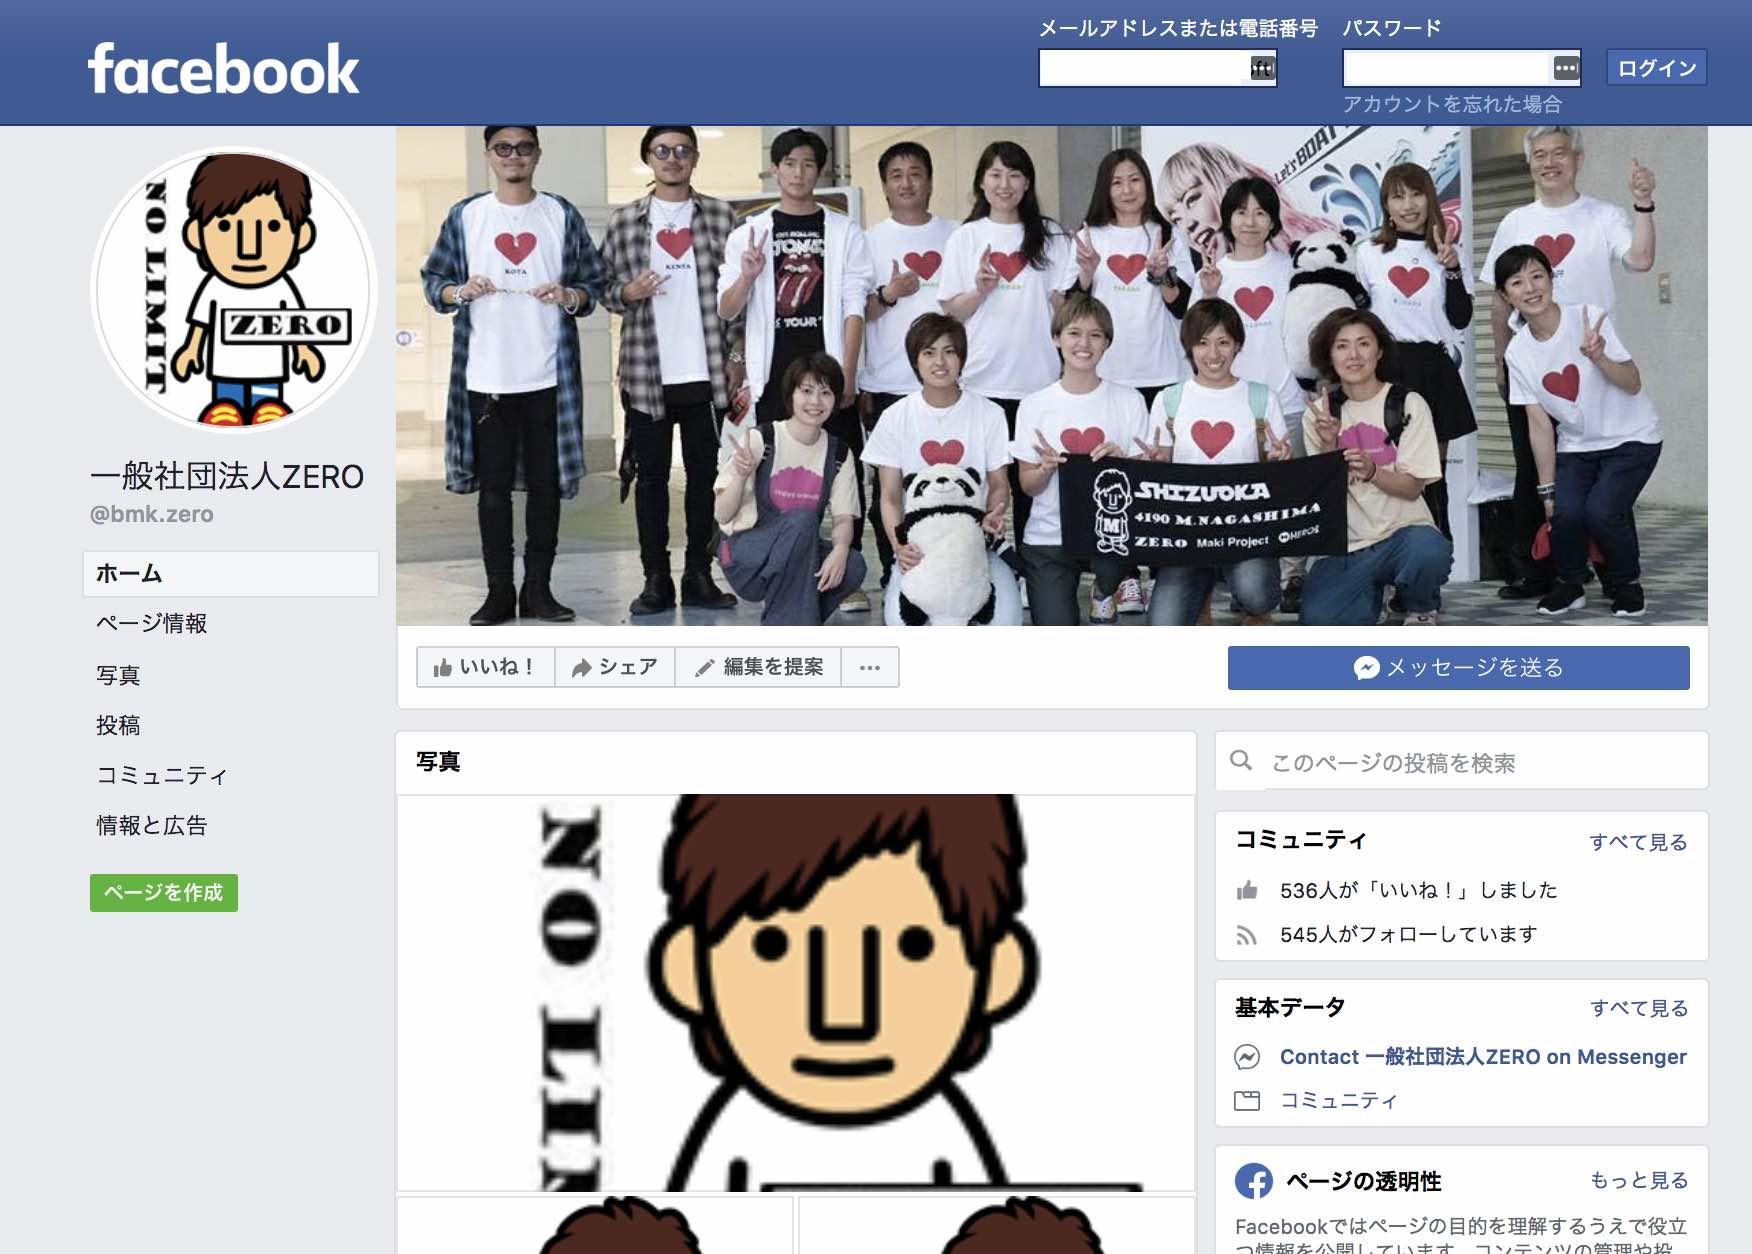 長嶋万記選手が中心となり活動する一般社団法人ZEROのフェイスブック